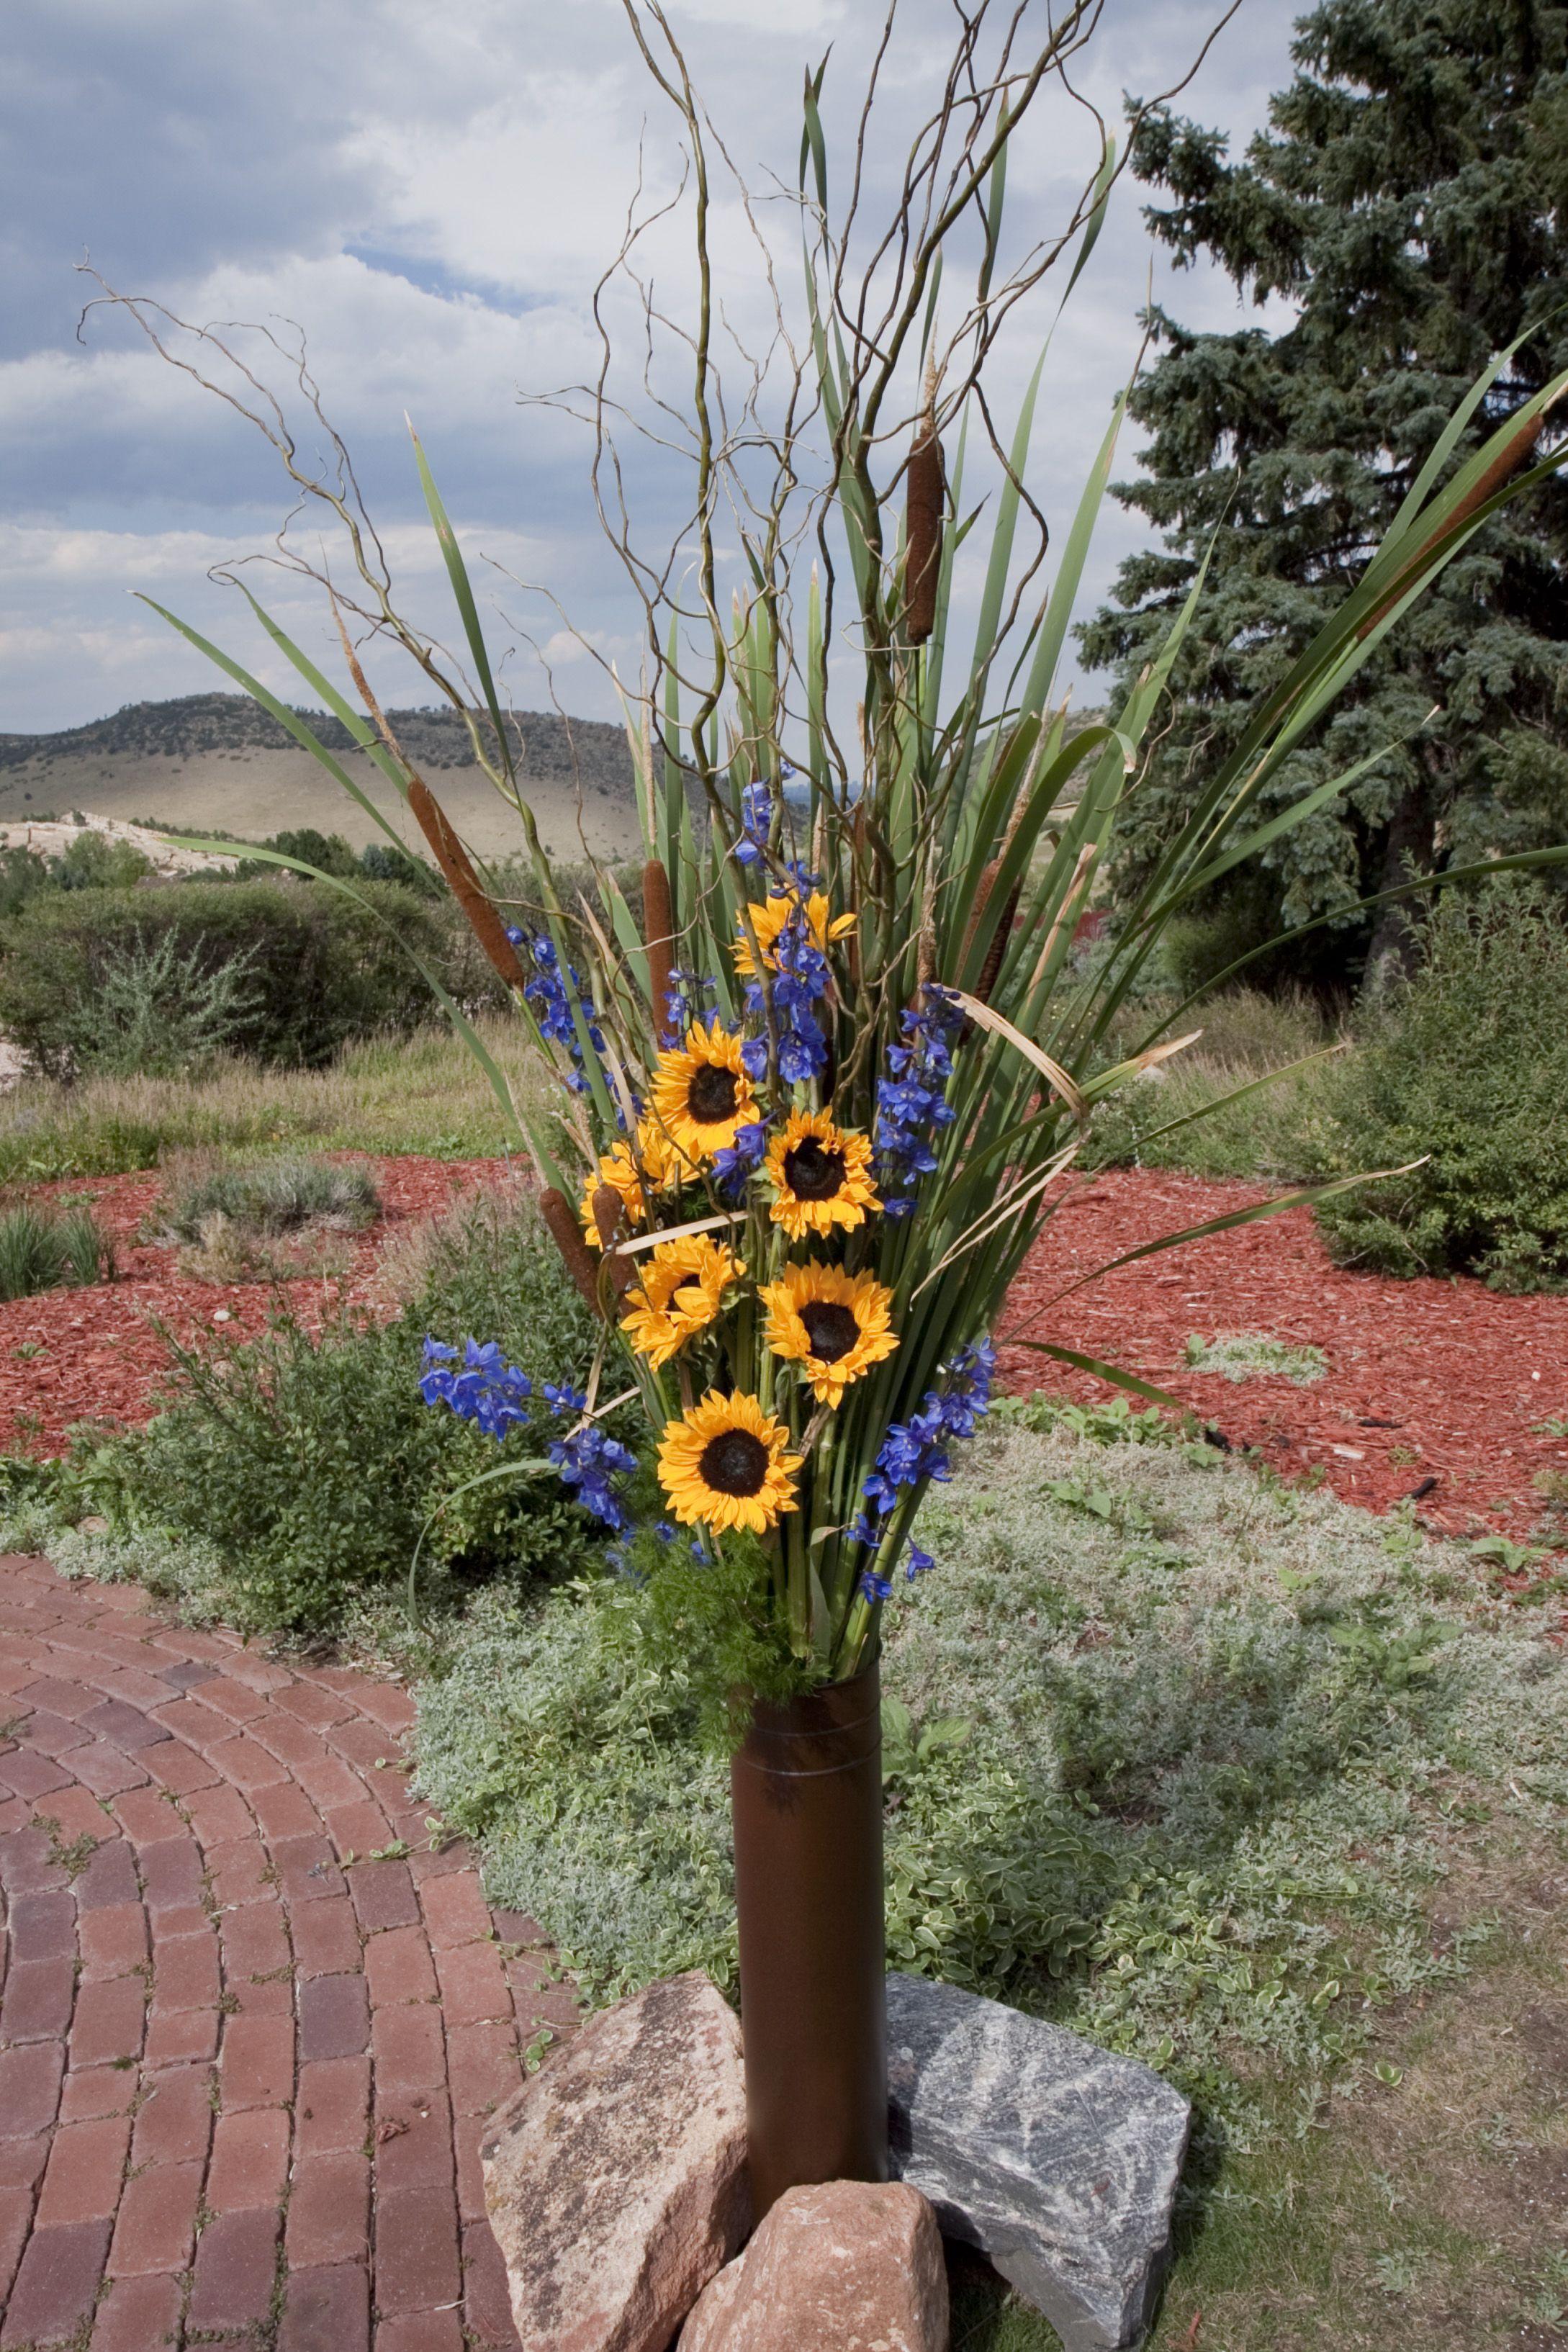 Country Western Wedding Flowers | Western themed wedding ...